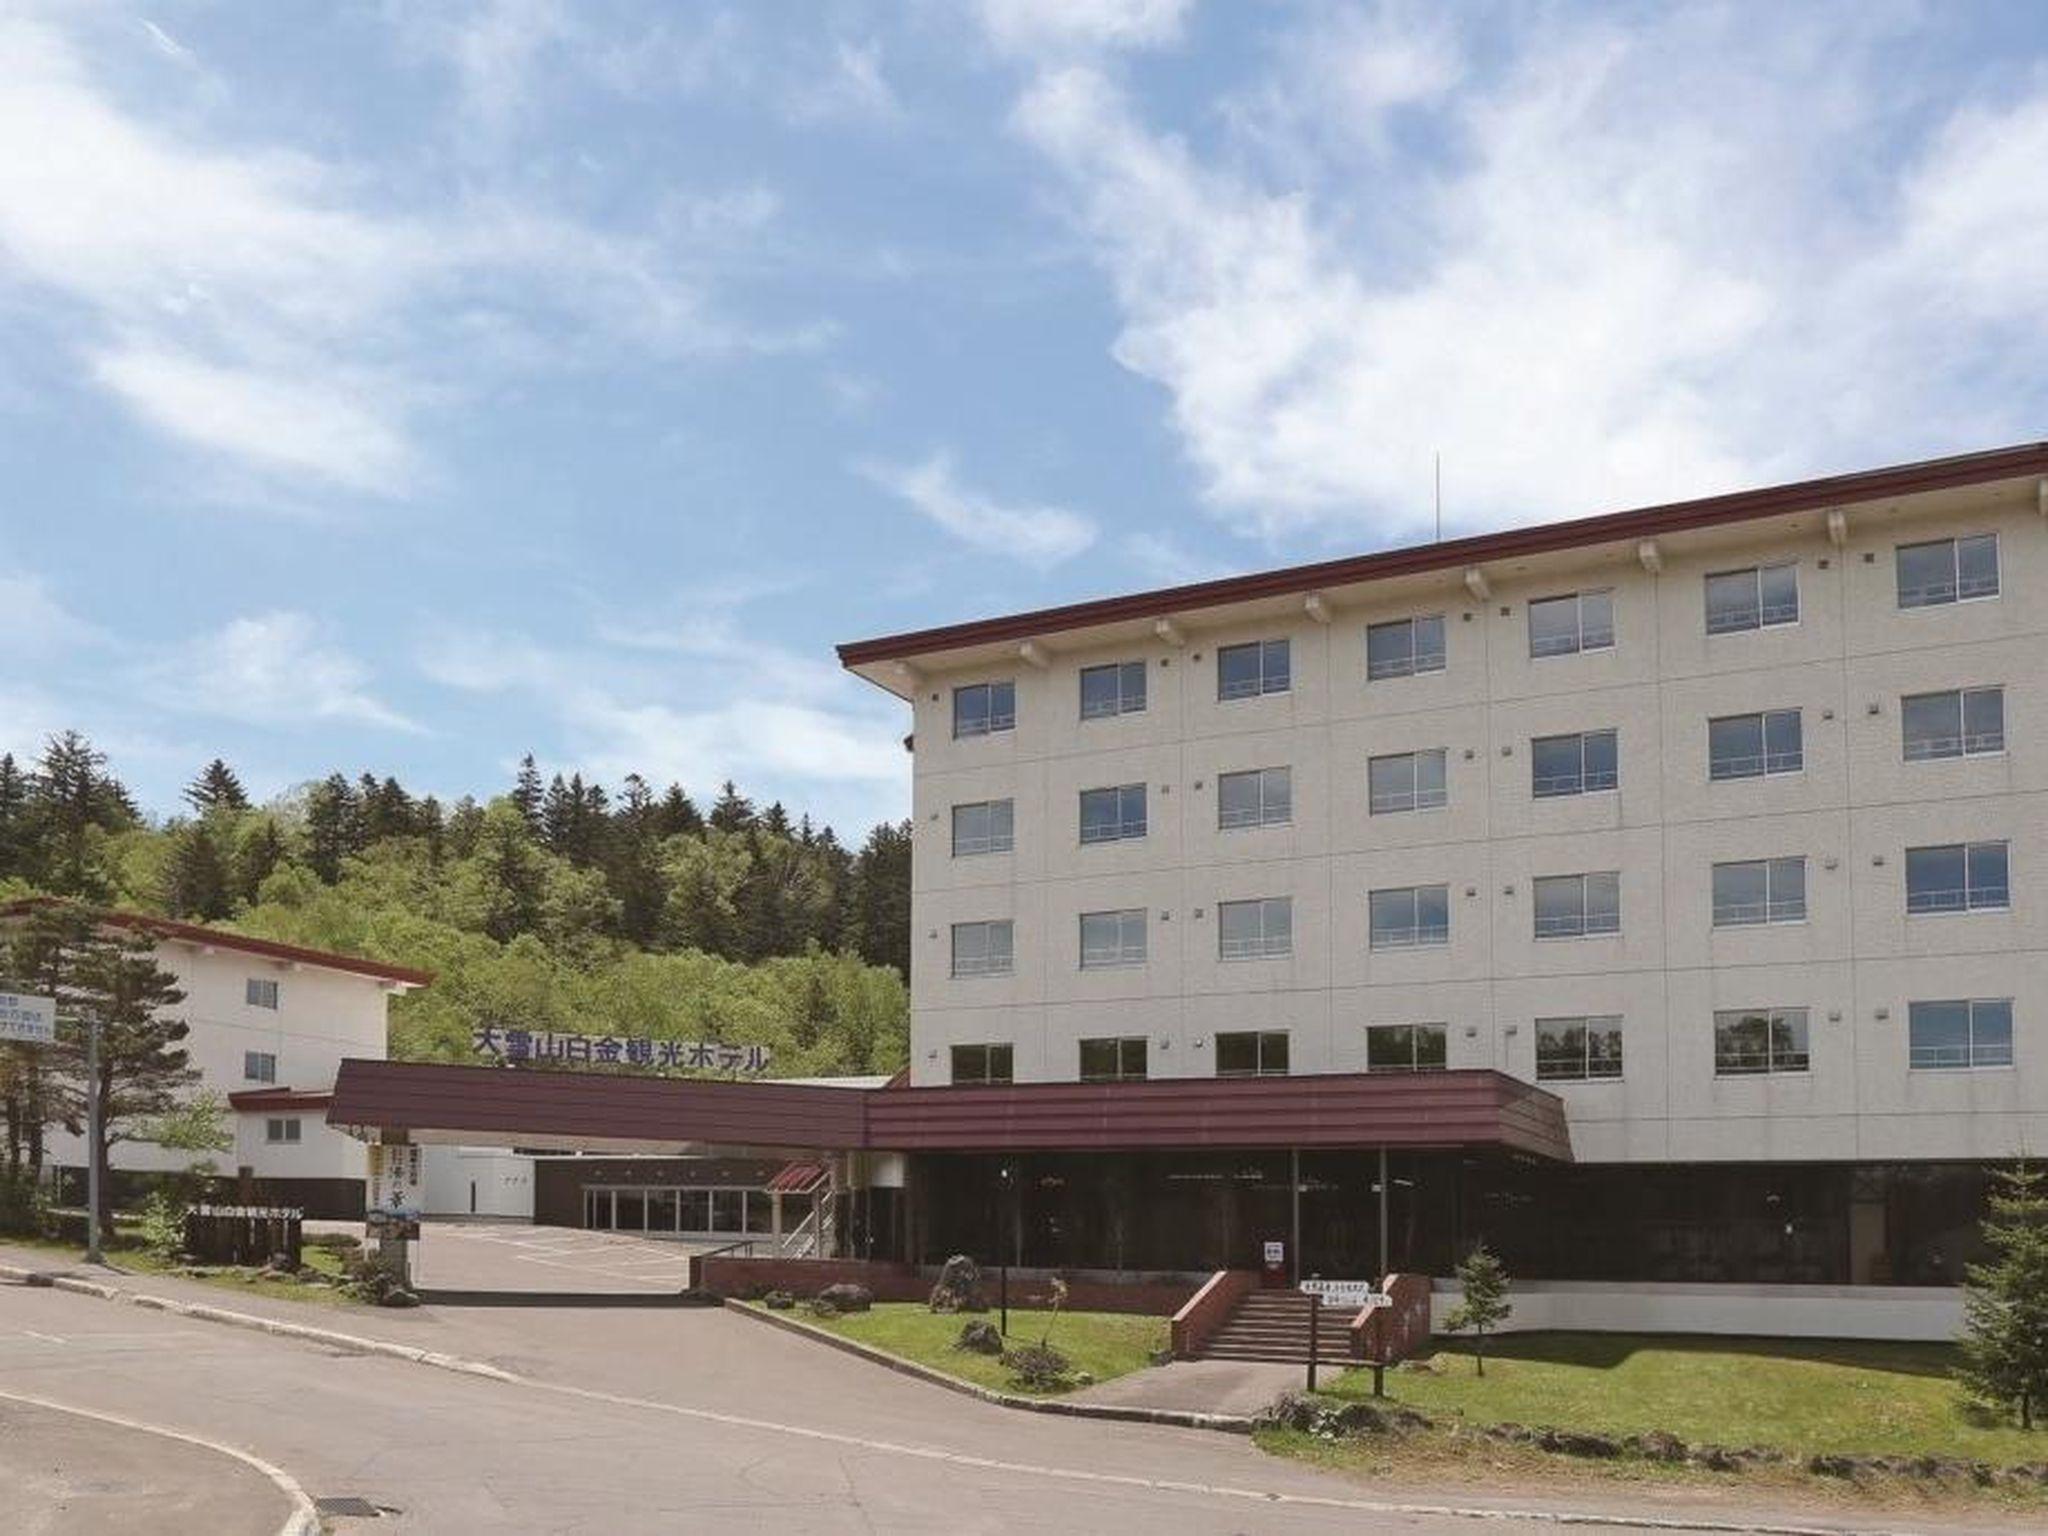 Taisetsuzan Shiroganekankou Hotel, Biei